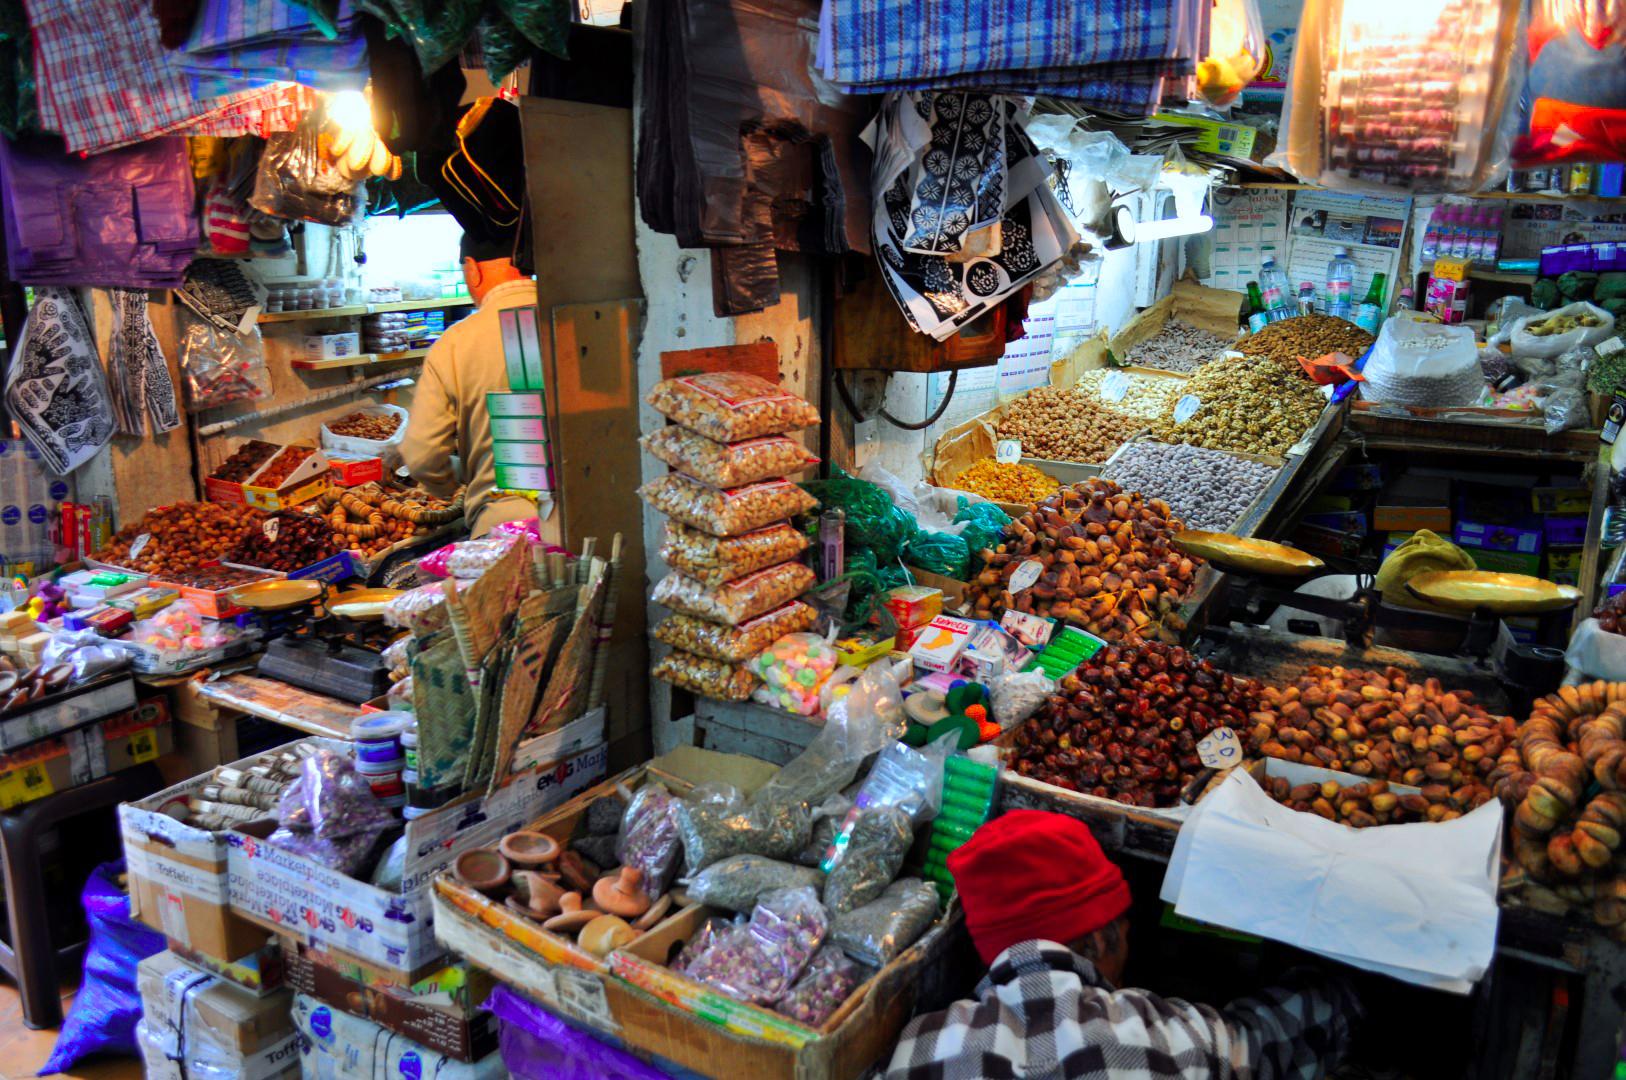 Qué ver en Marrakech, Marruecos - Morocco qué ver en marrakech - 30892956242 9094871ff7 o - Qué ver en Marrakech, Marruecos